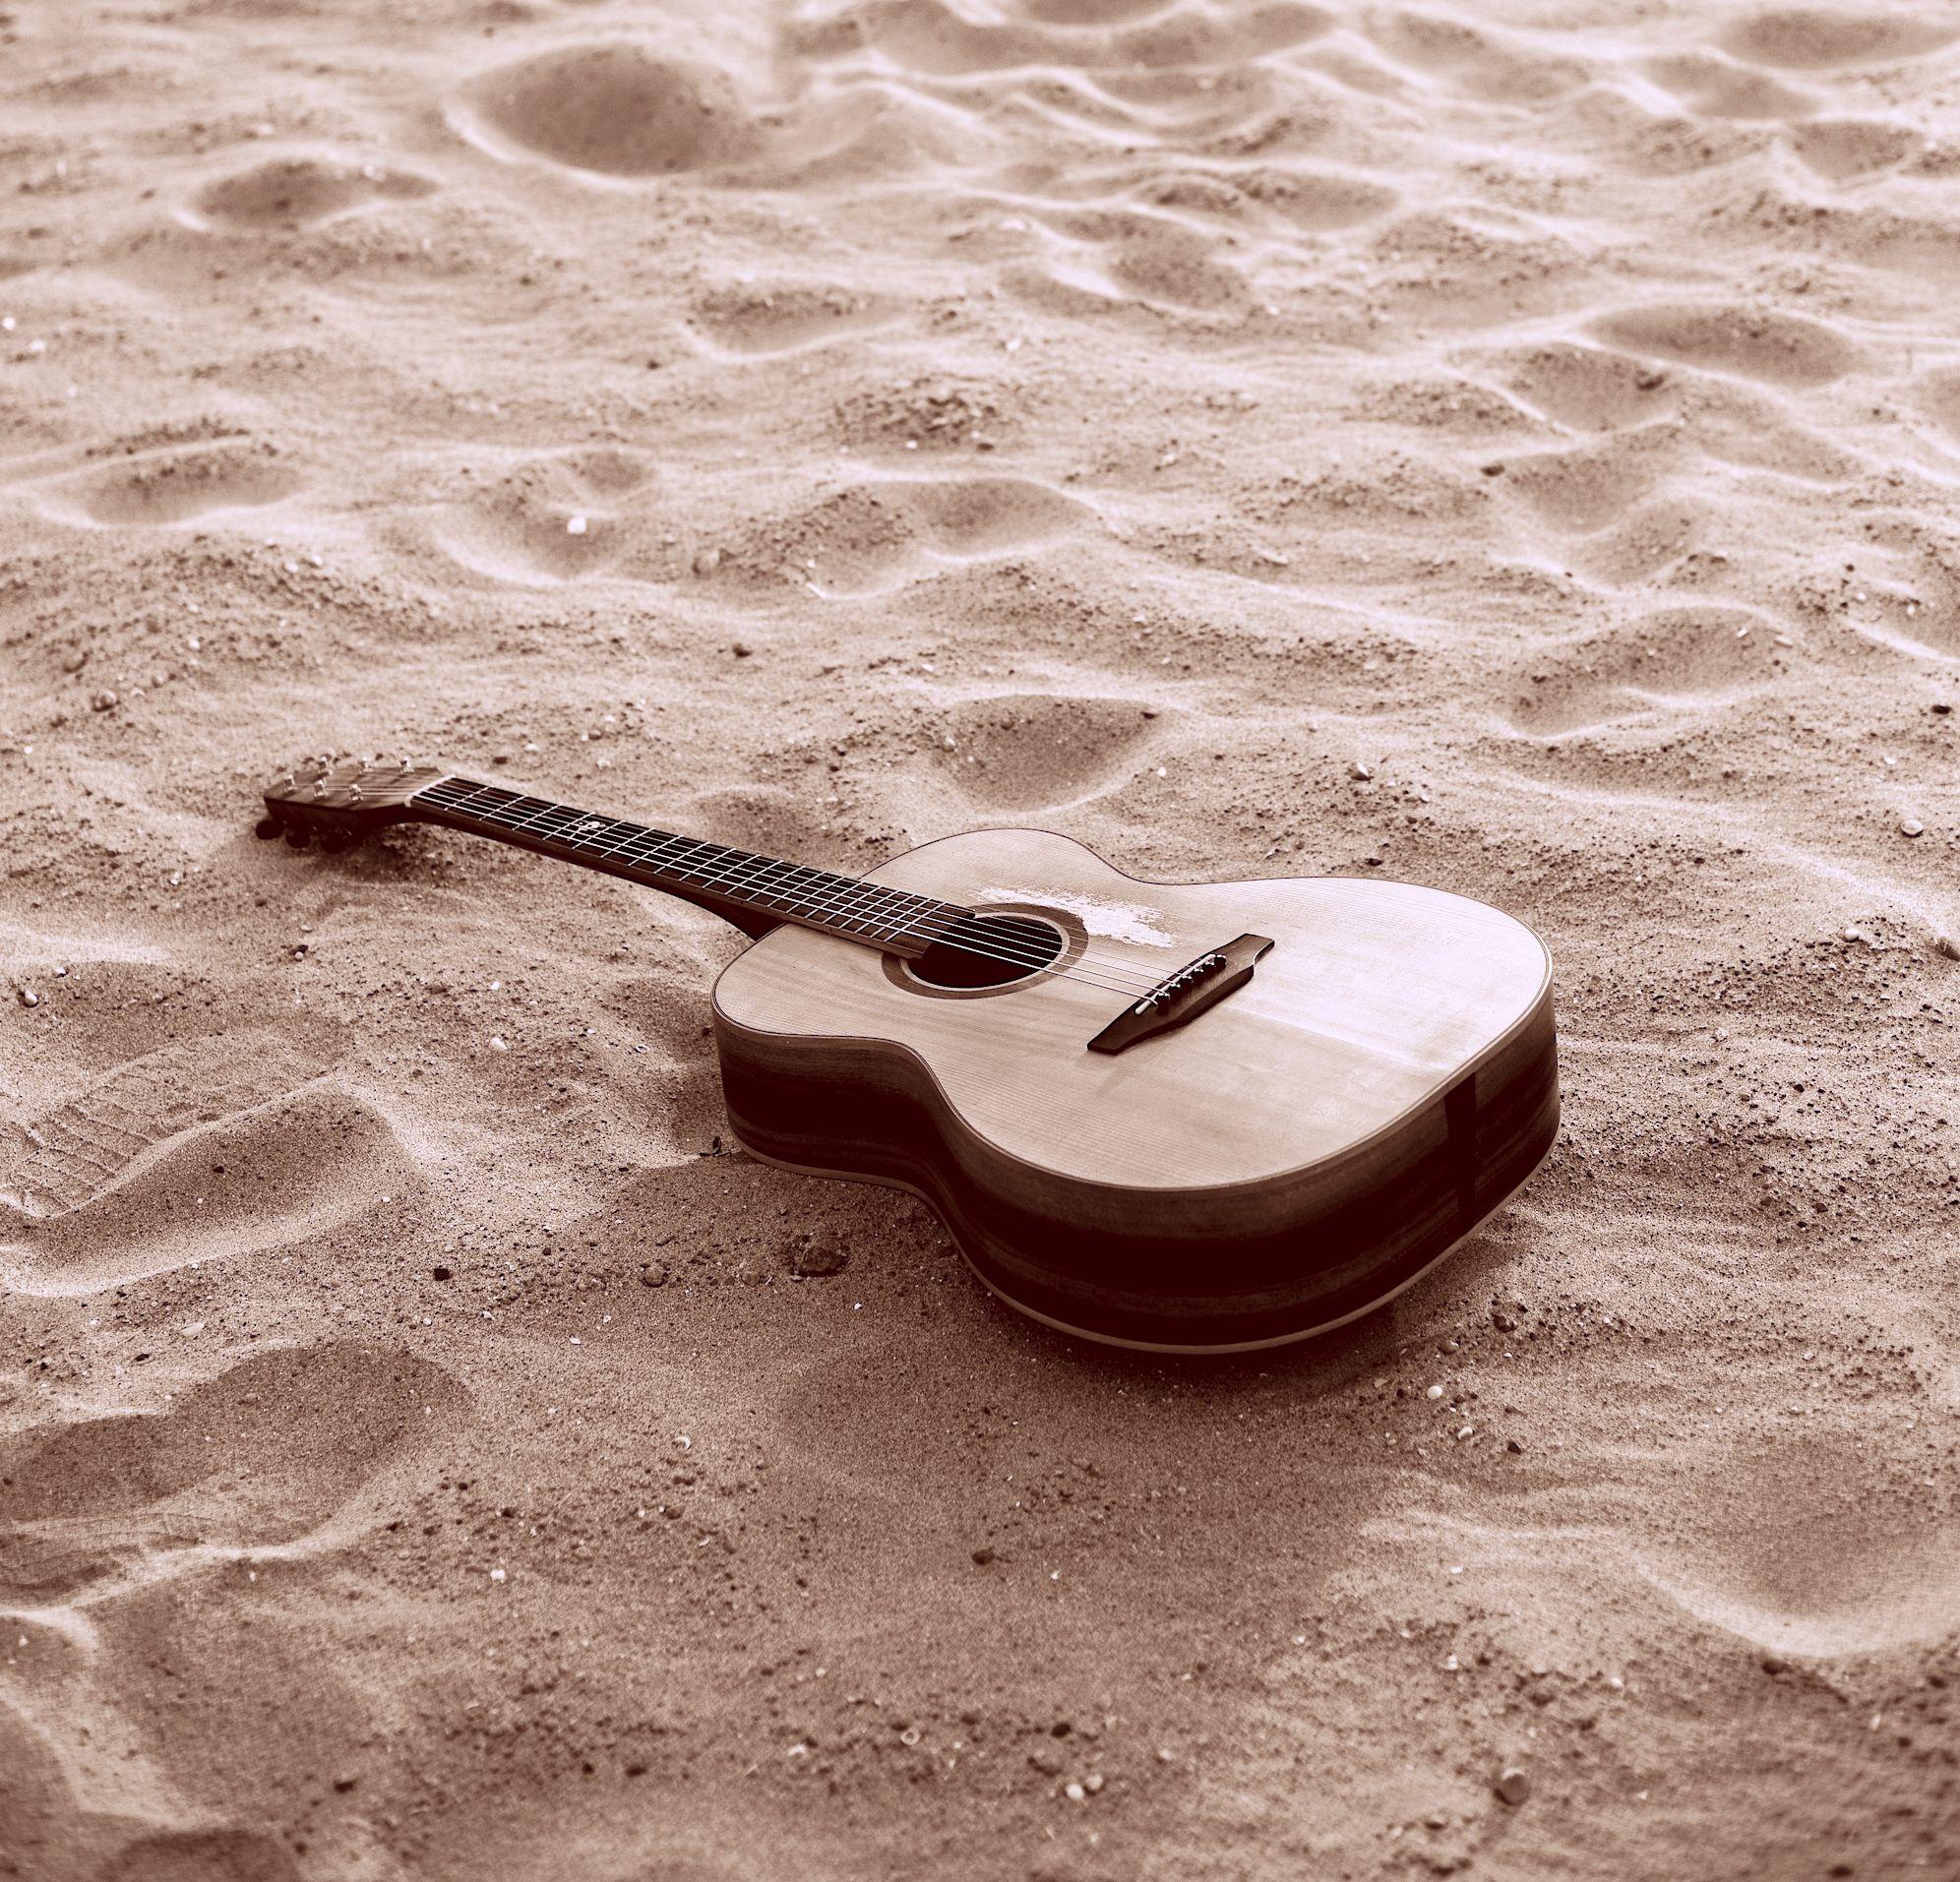 This is a rare Avandel guitar made for the Acoustic Guitar Workshop. For all things acoustic guitar, visit http://www.acousticguitarworkshop.com Photography: Jon Ross-Elliott http://www.jonrosselliott.com